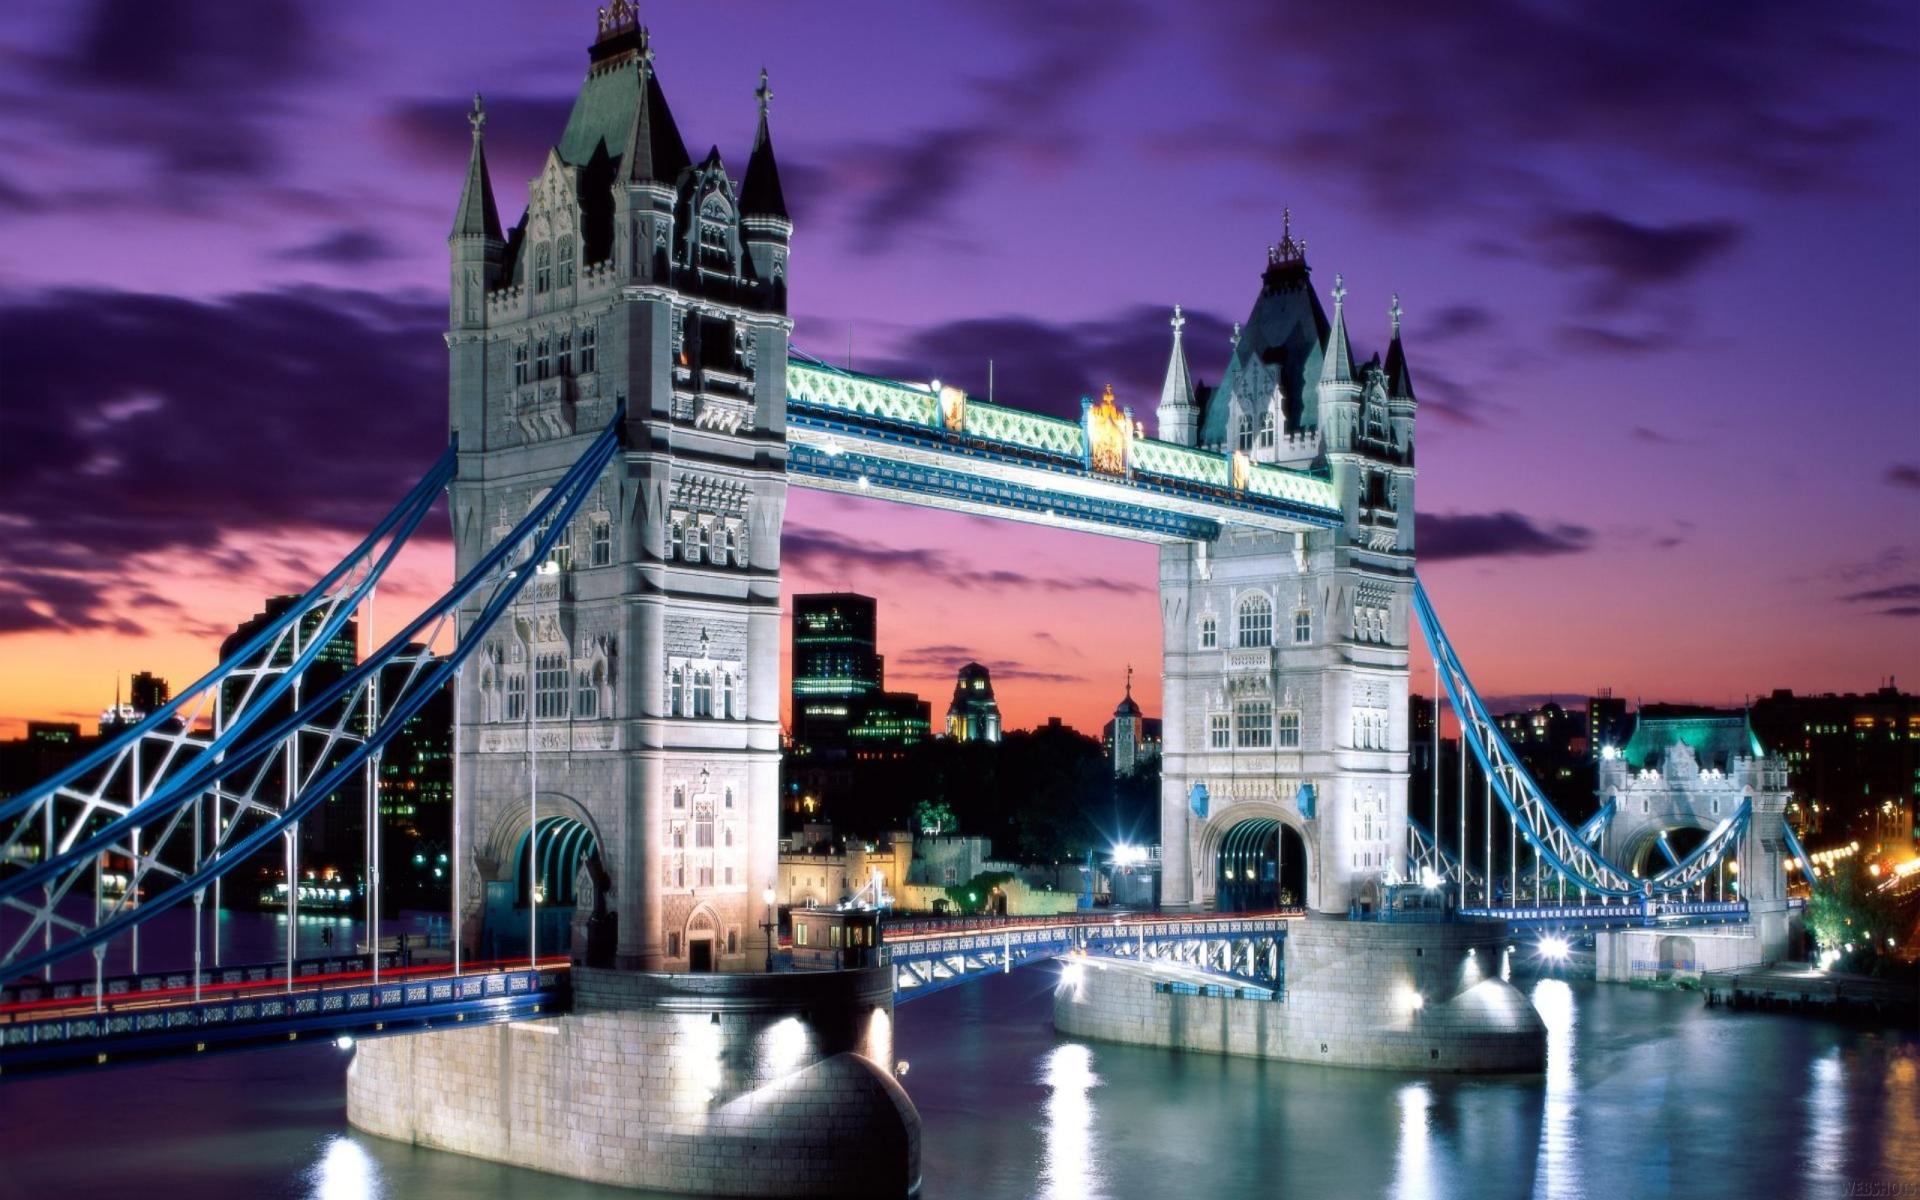 Puente de London - 1920x1200